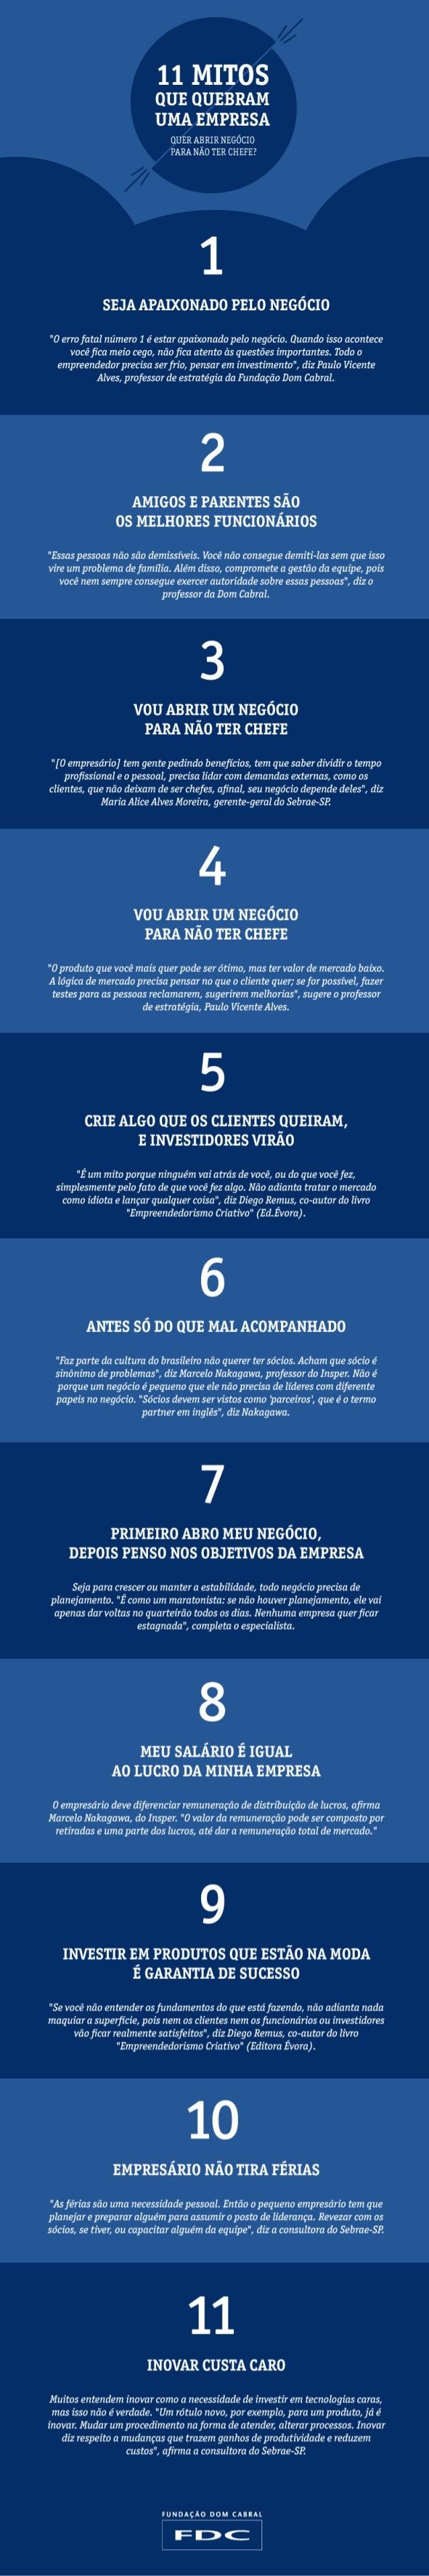 11 mitos que quebram uma empresa